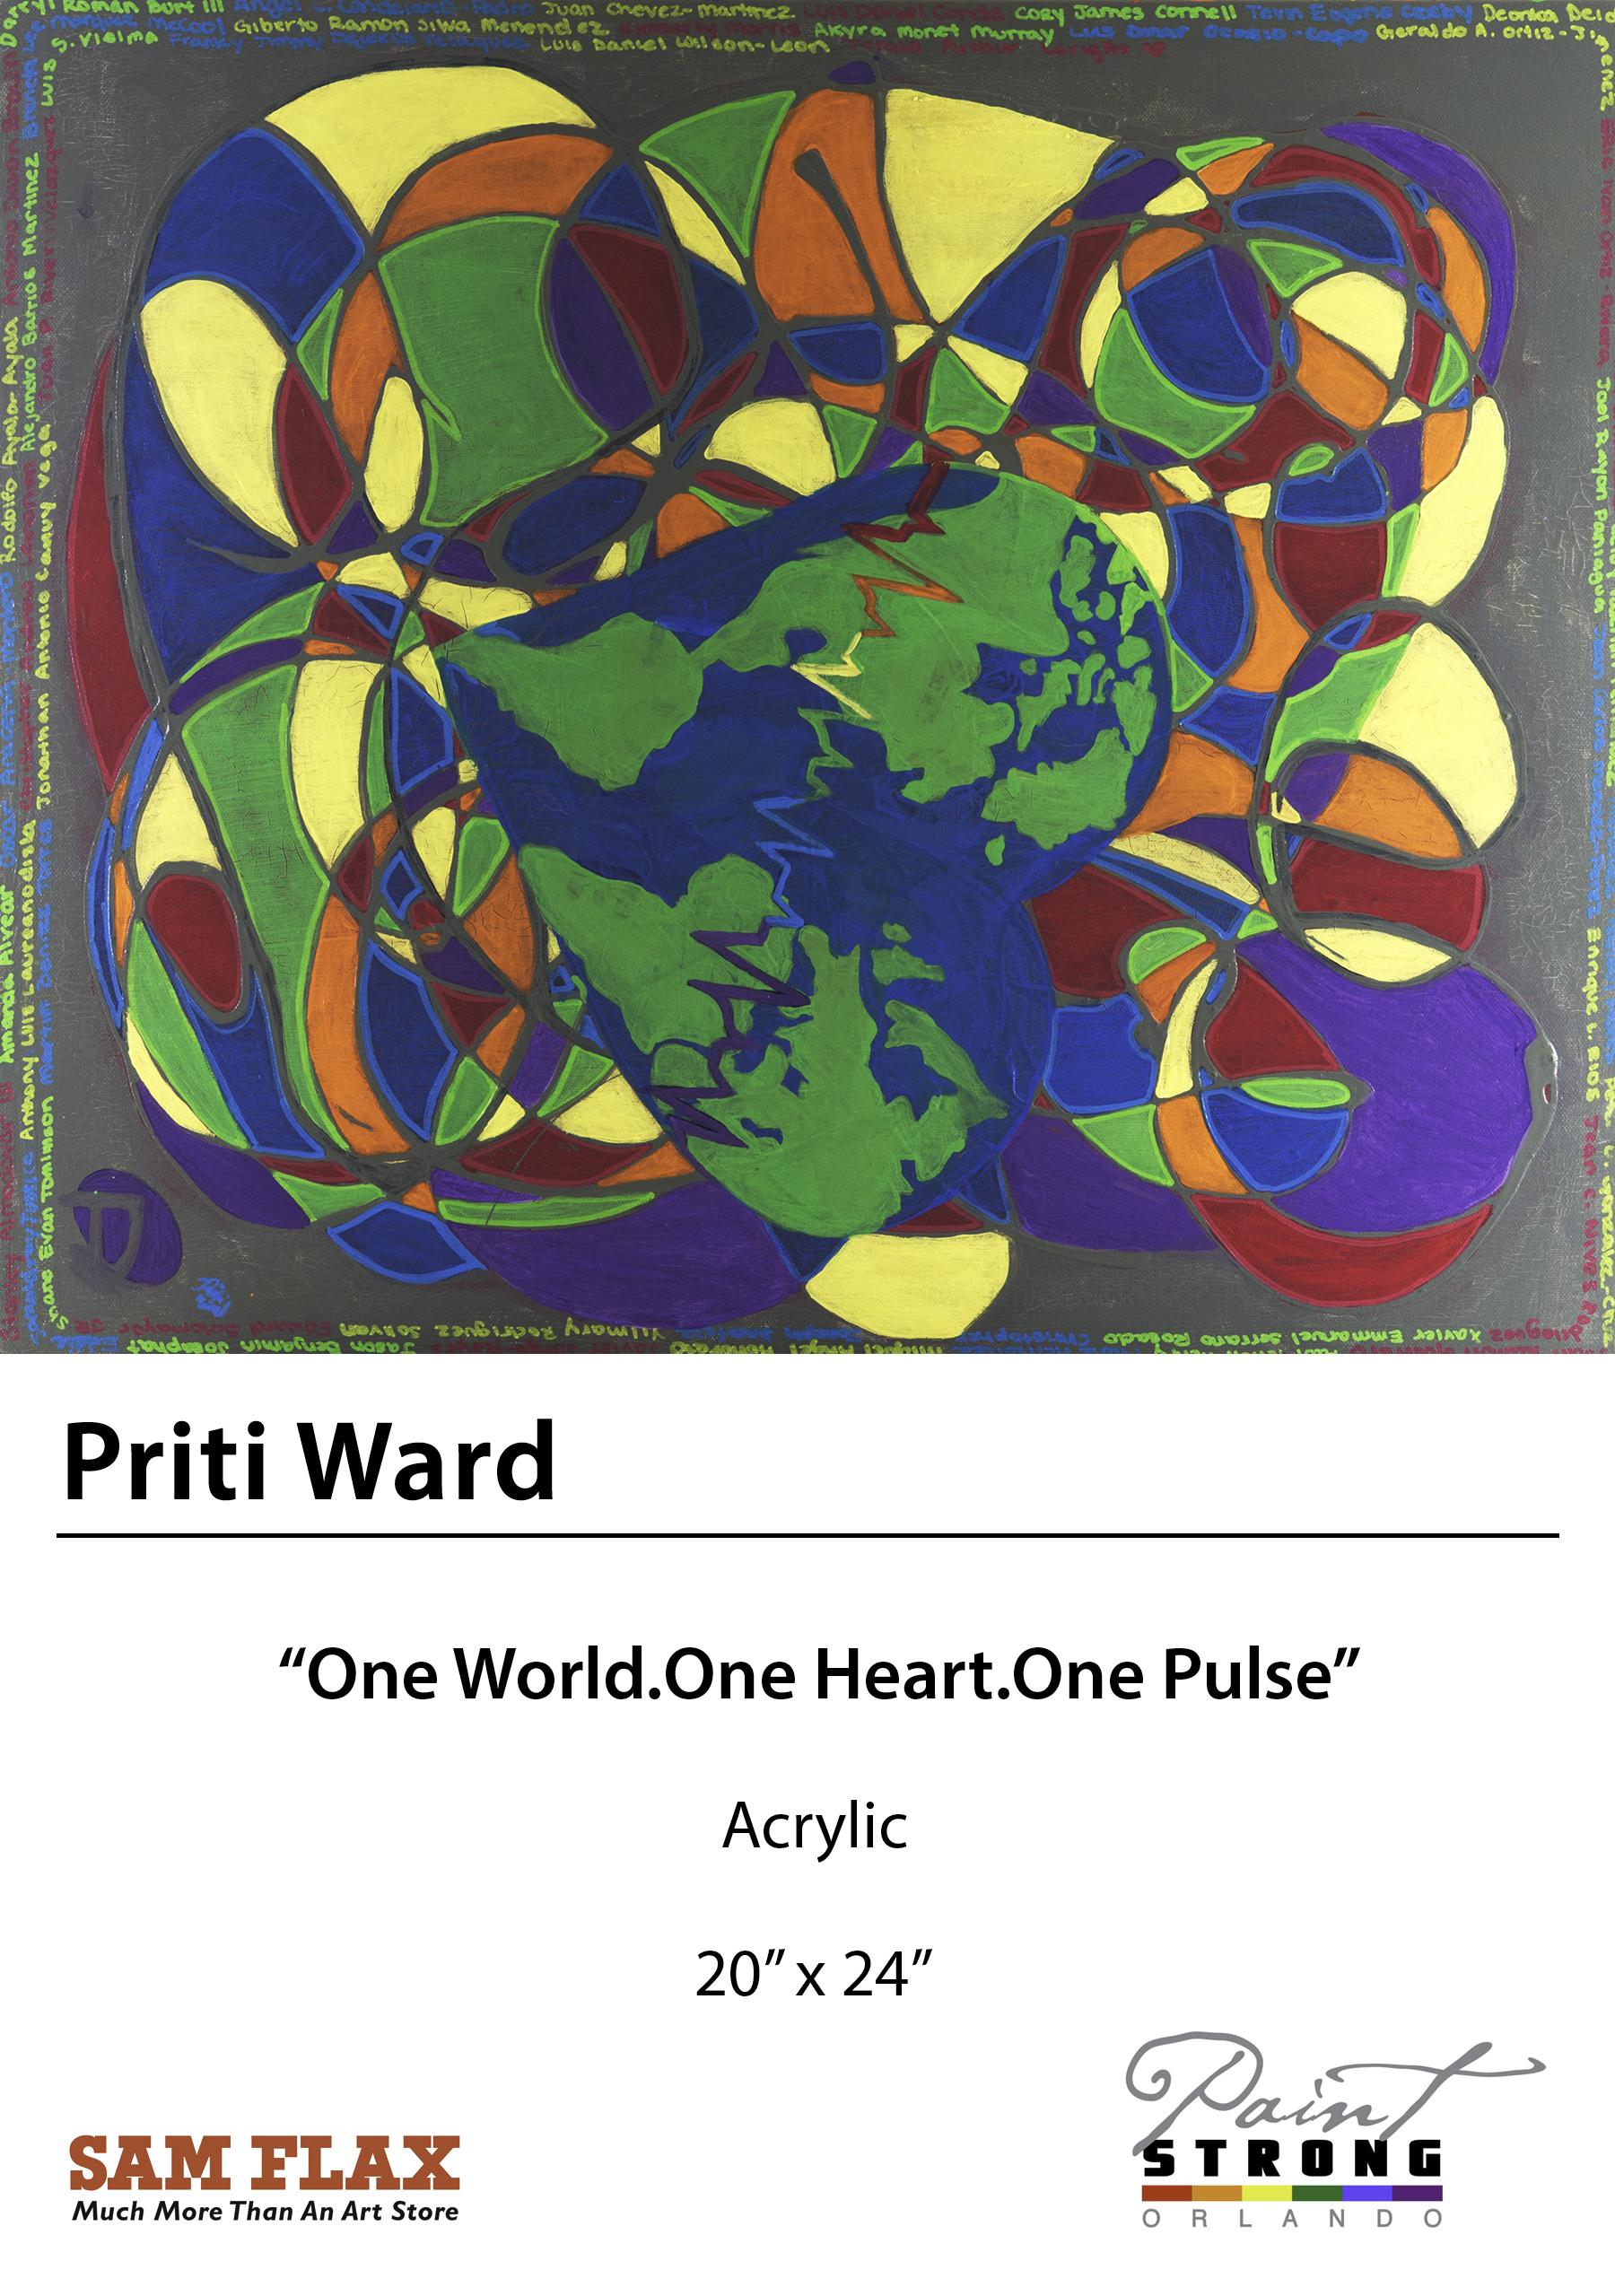 Priti Ward